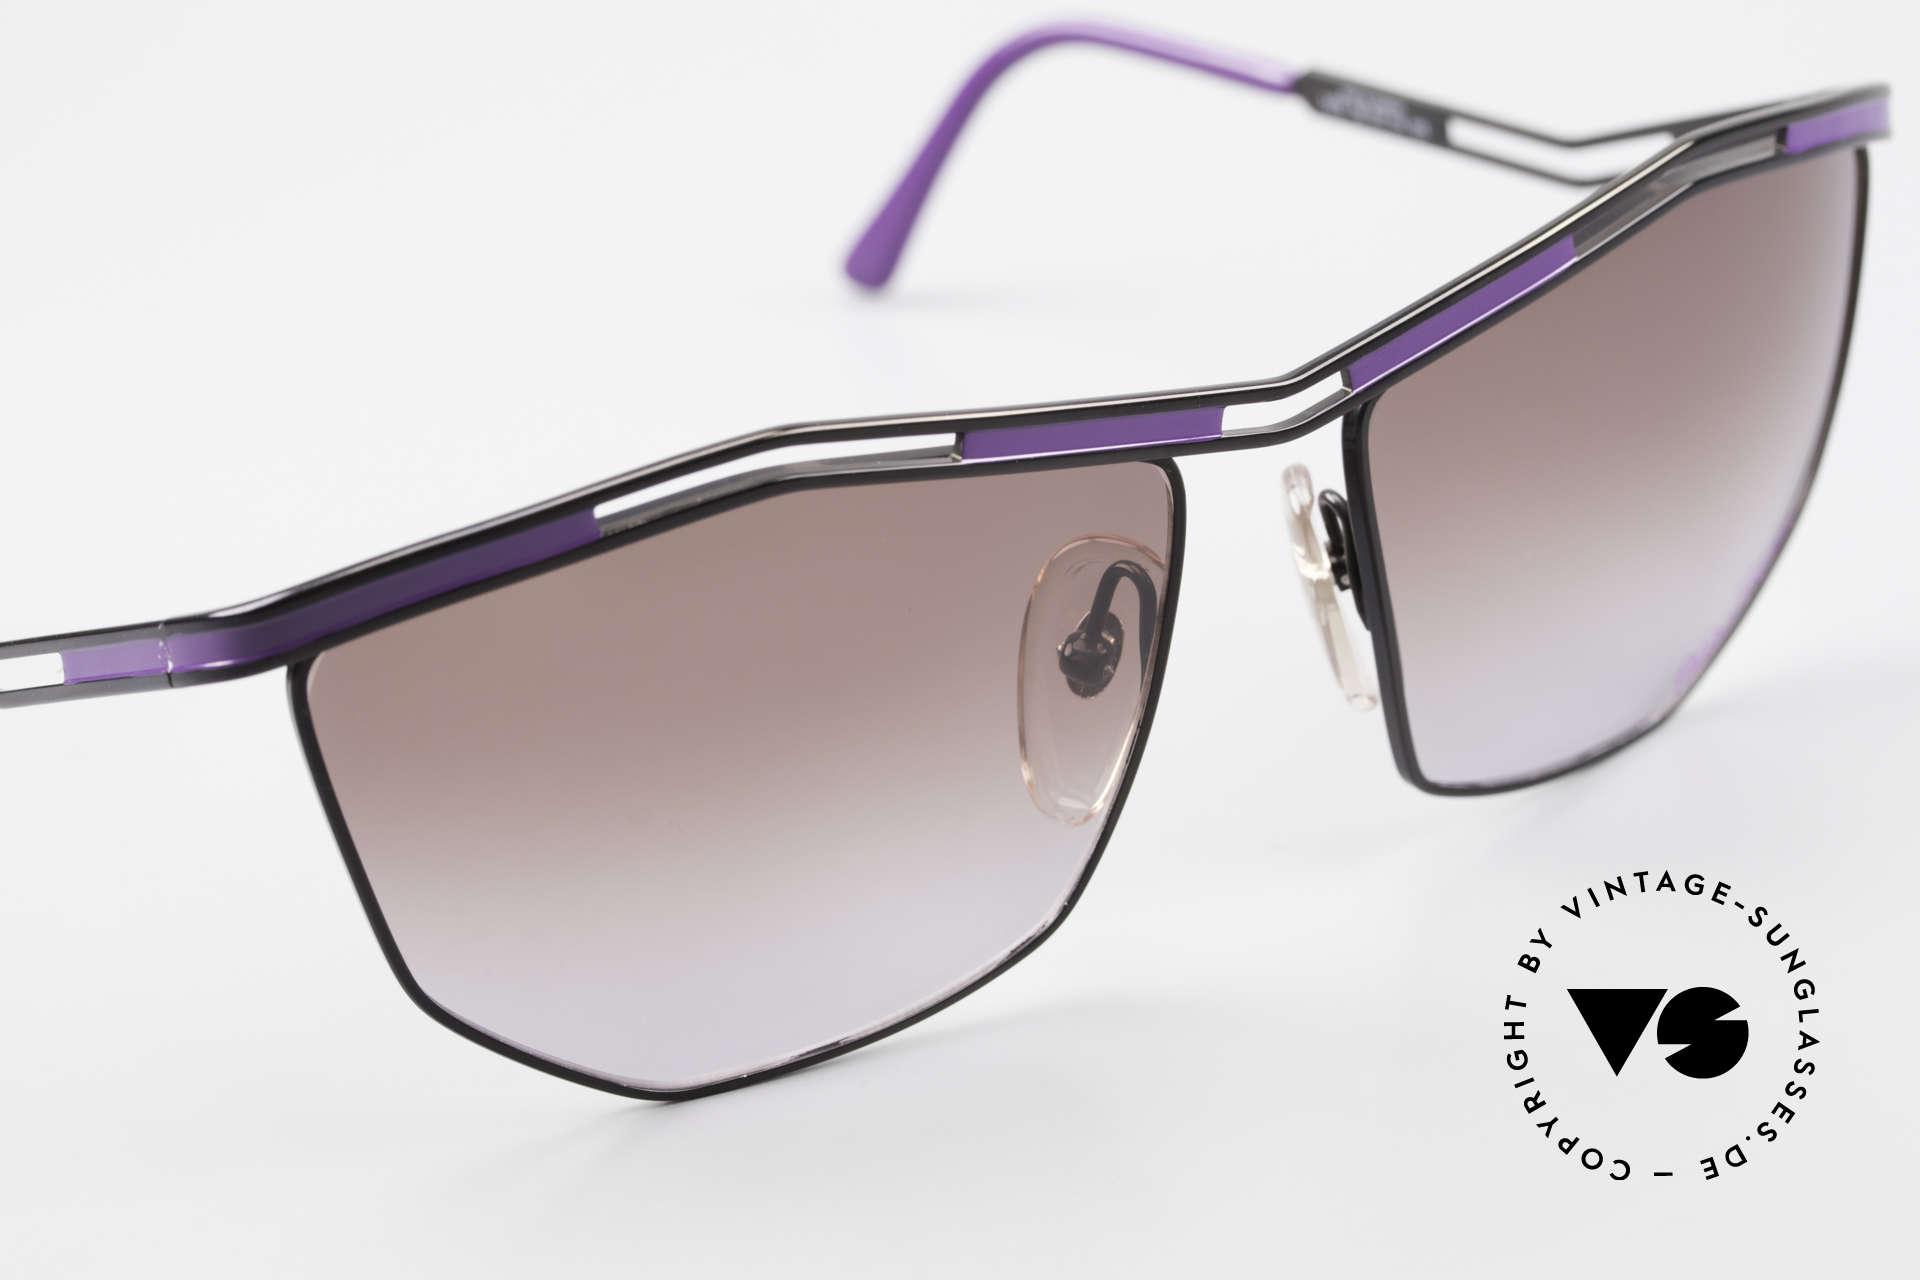 Paloma Picasso 1478 Rare 90er Damen Sonnenbrille, ungetragen (wie alle unsere vintage Sonnenbrillen), Passend für Damen